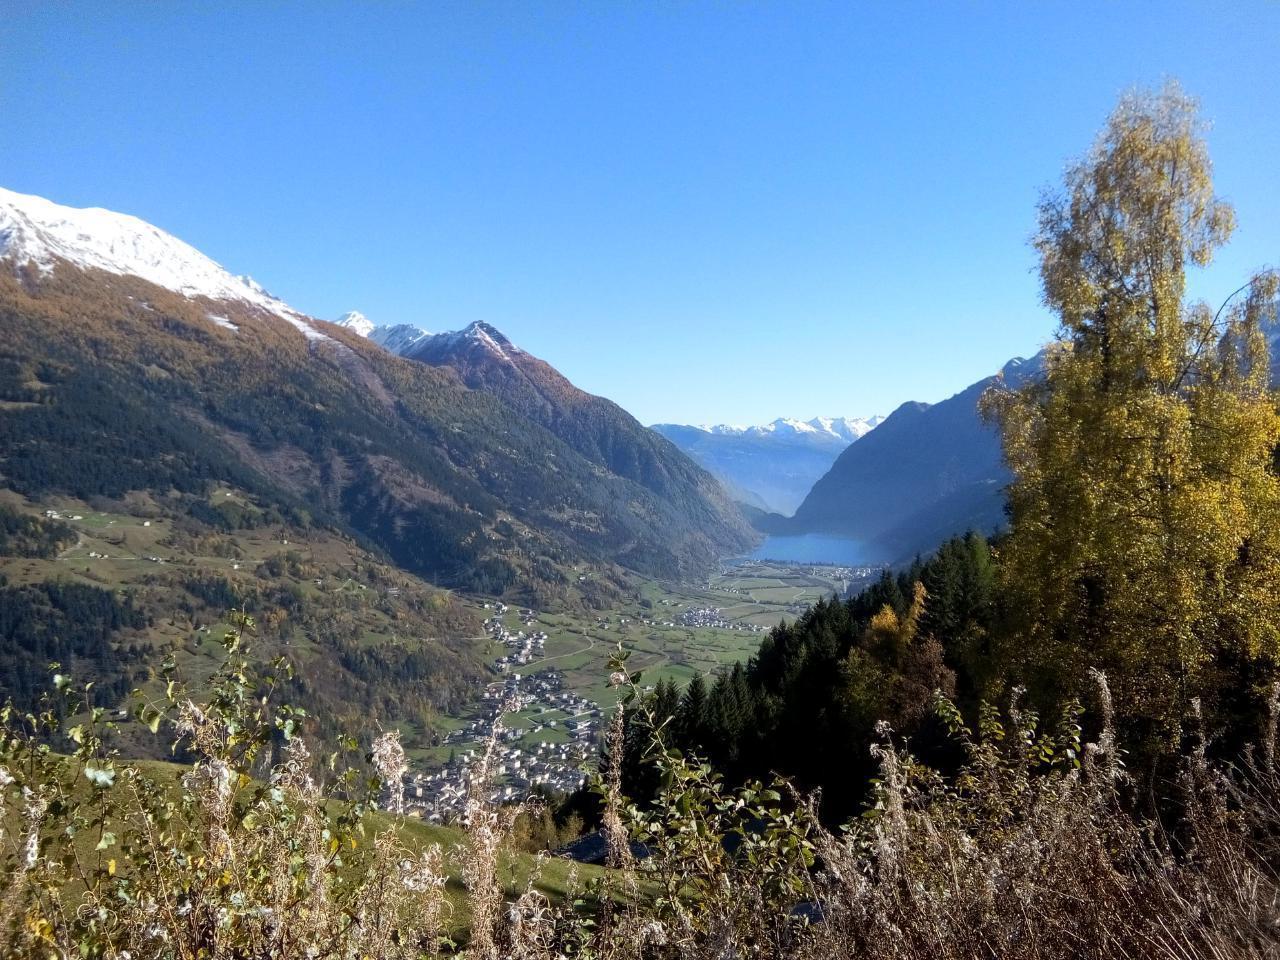 Appartement de vacances Alpe Monte Massella (334453), Poschiavo, Vallée de Poschiavo, Grisons, Suisse, image 32